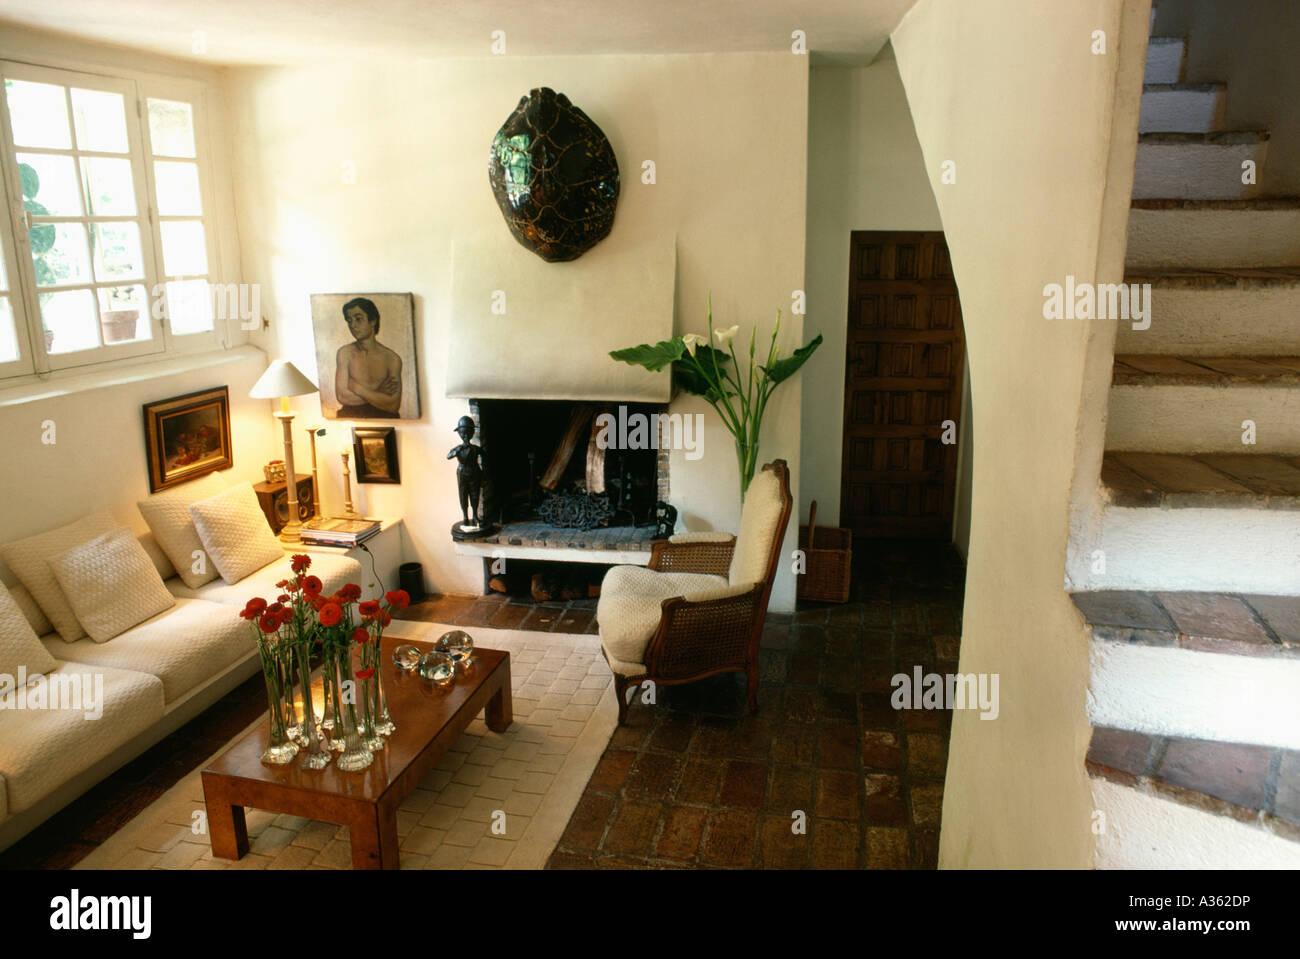 furniture sittingroom lounges fireplace stockfotos furniture sittingroom lounges fireplace. Black Bedroom Furniture Sets. Home Design Ideas